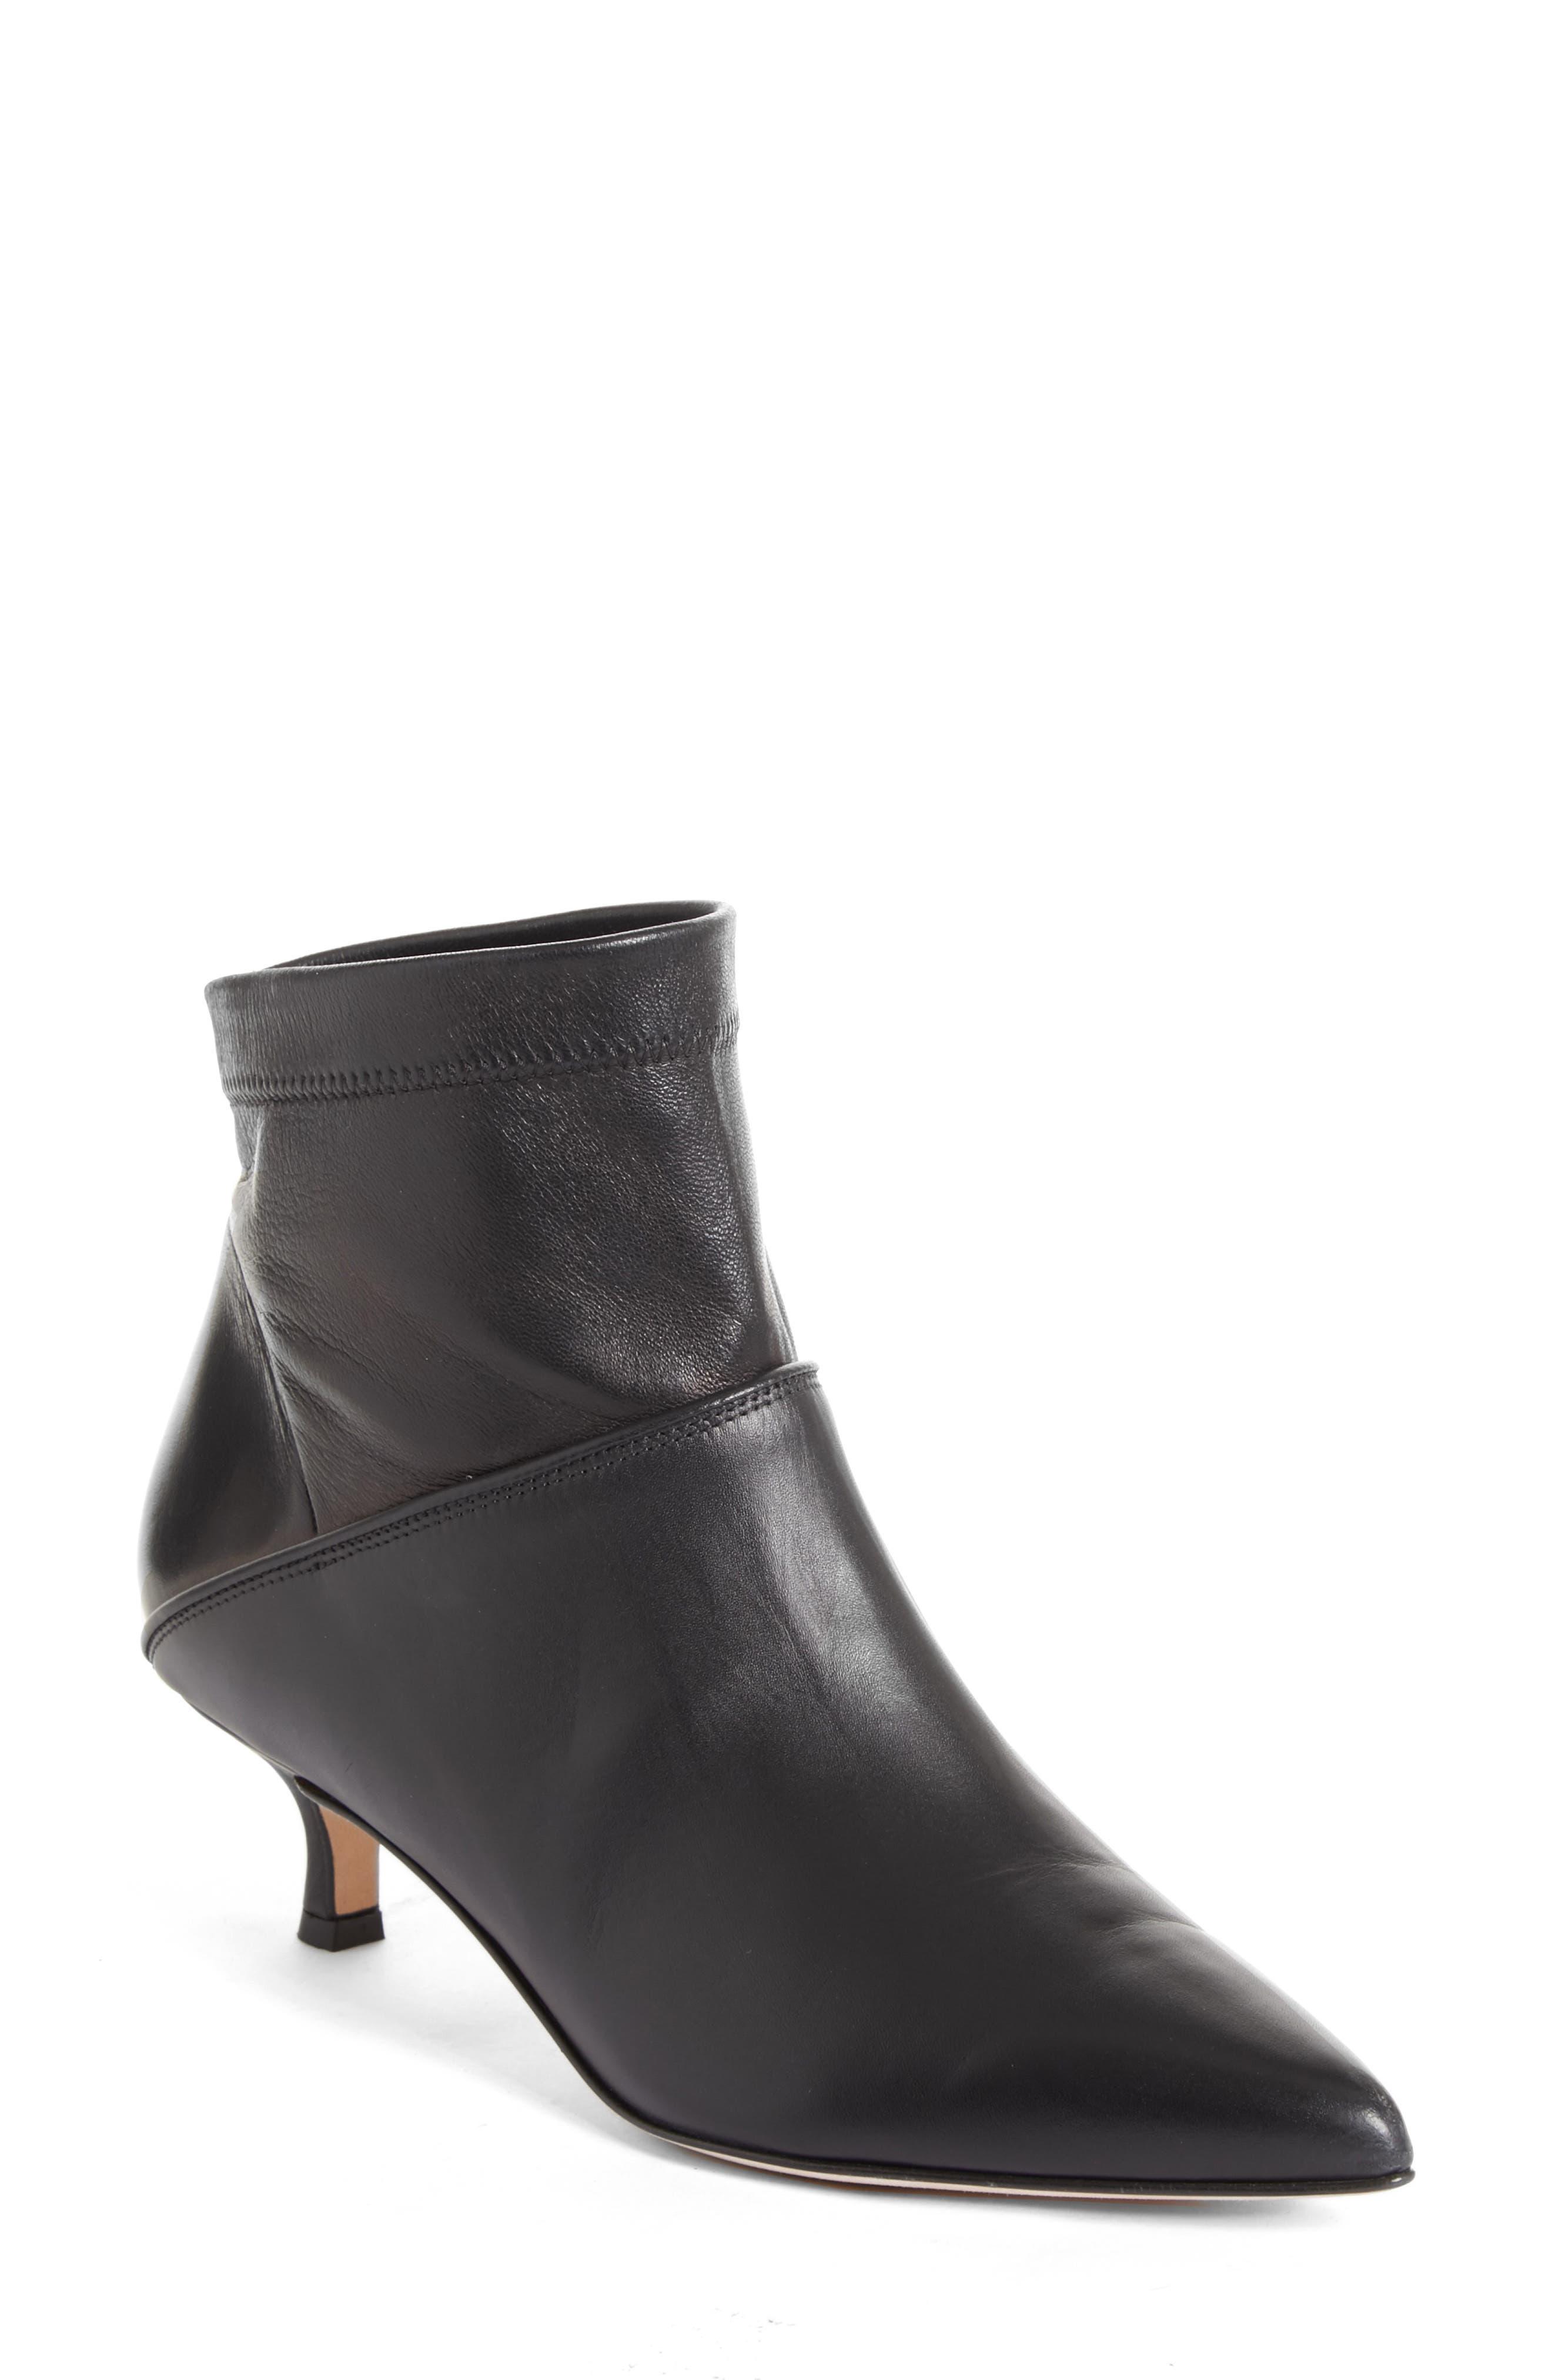 aaa0b2de5f1a Women s Kitten Booties   Ankle Boots